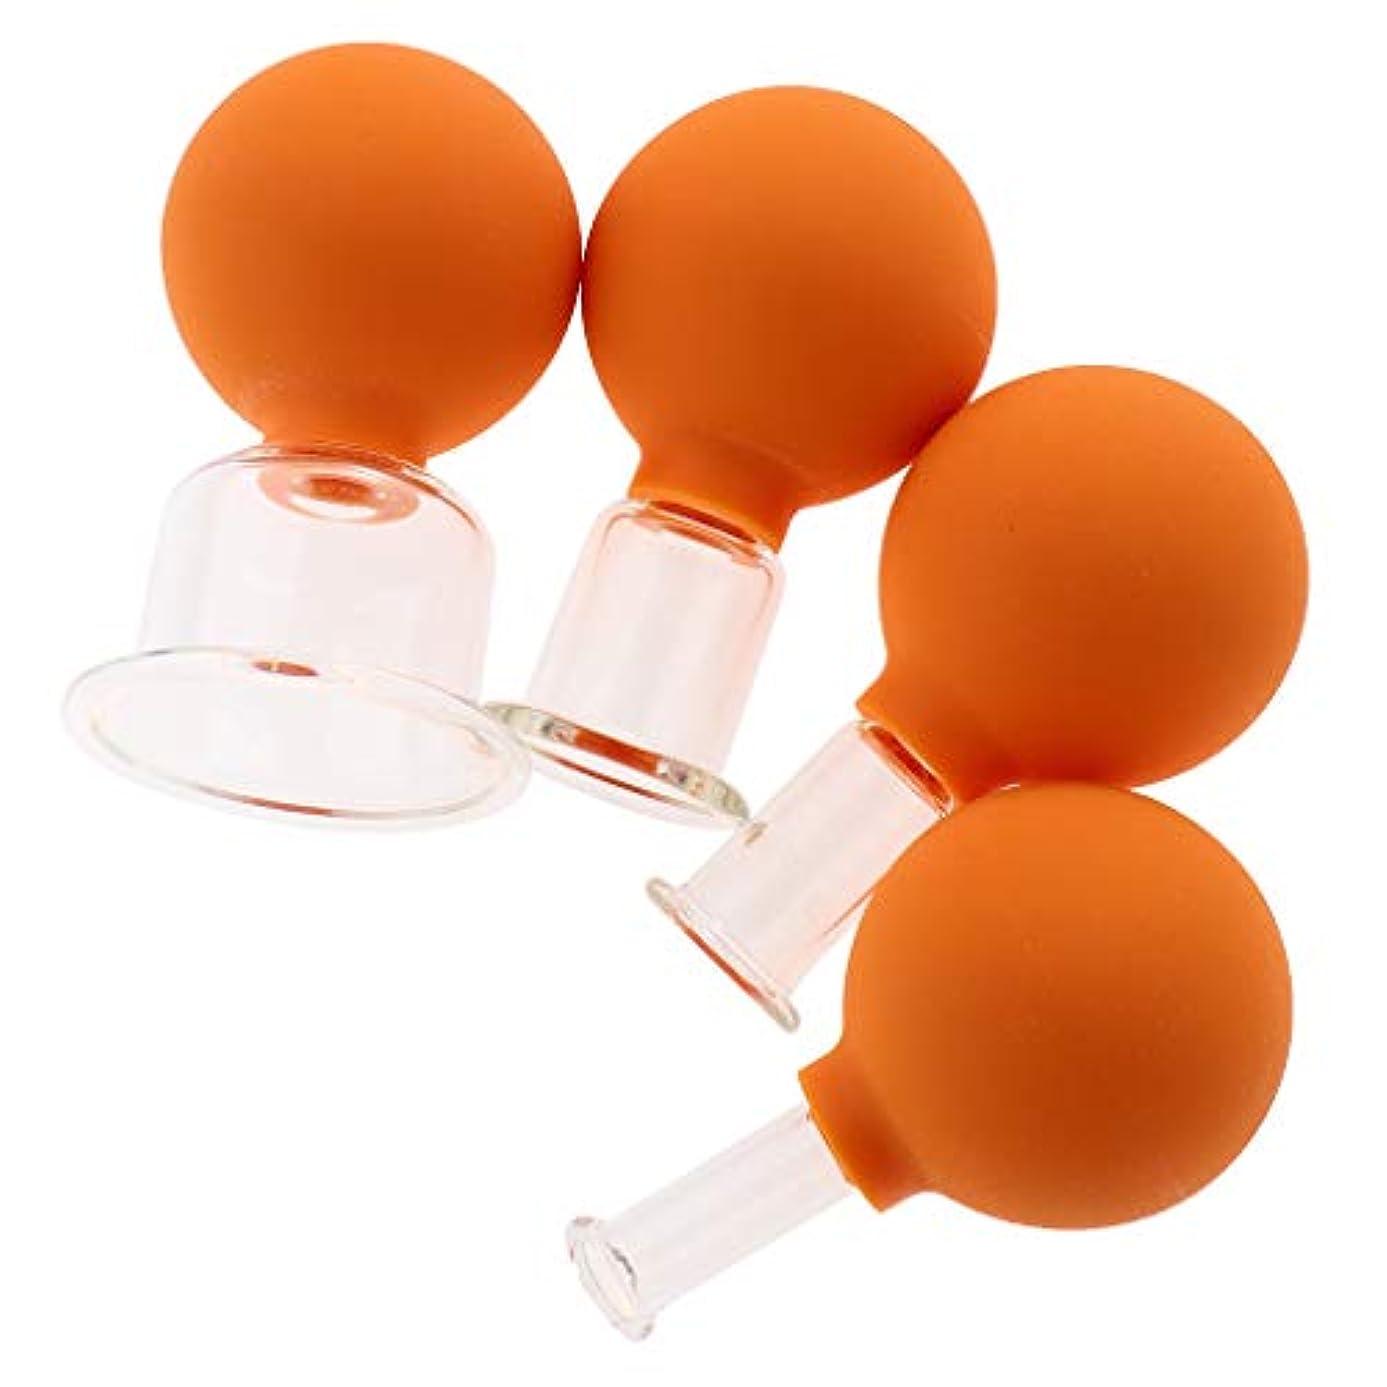 ピアニスト物理学者契約したF Fityle マッサージ吸い玉 マッサージカップ ガラスカッピング ゴム 真空 男女兼用 4個 全3色 - オレンジ